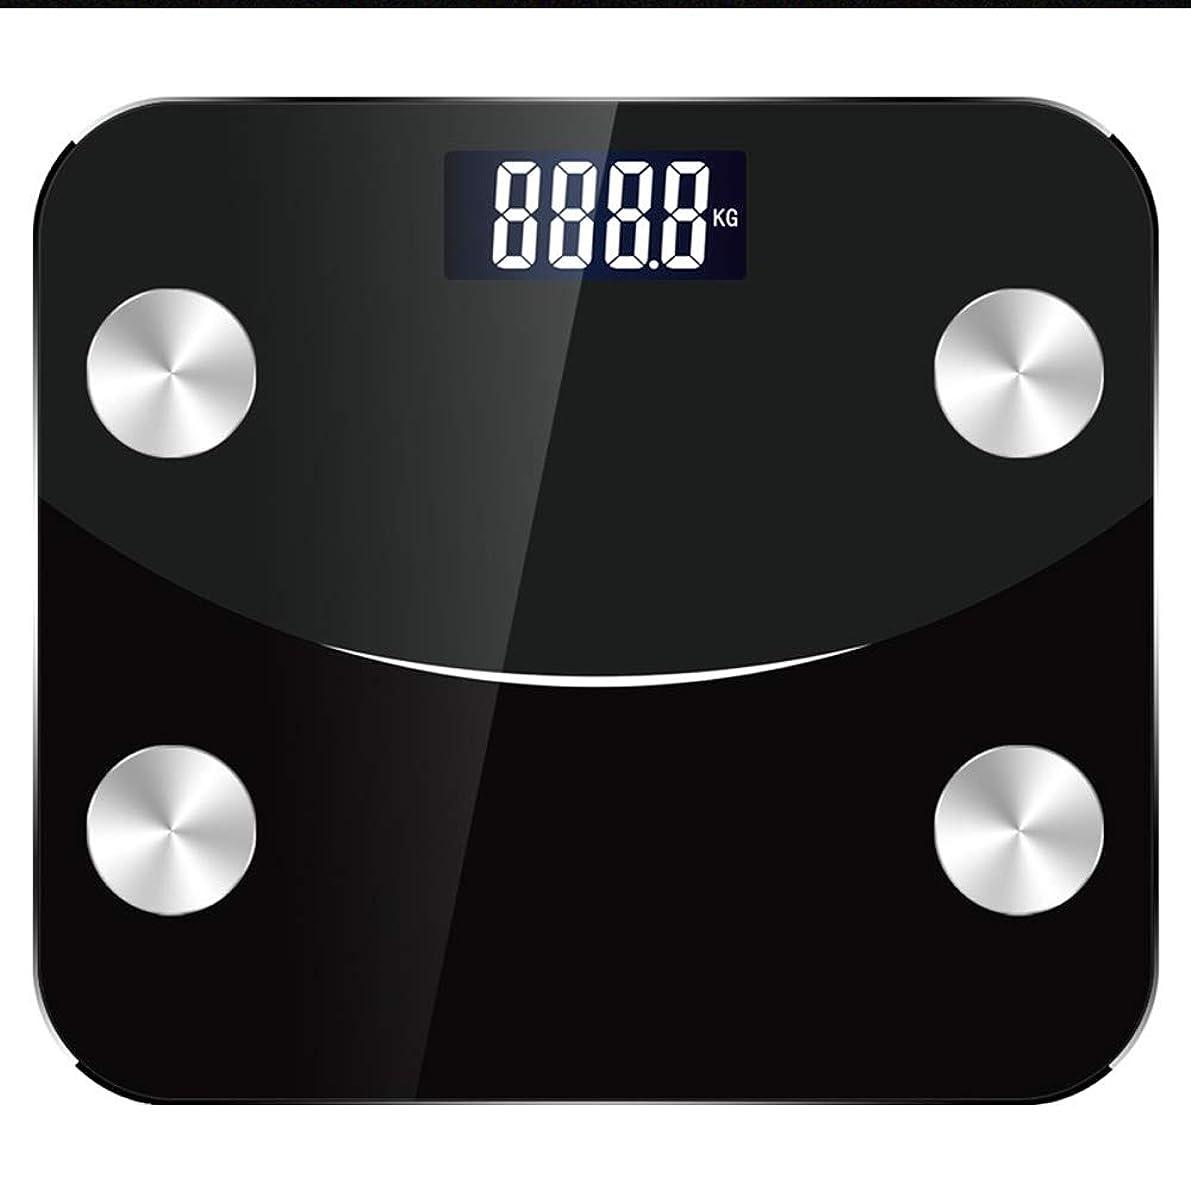 ポンペイ利用可能の前で男性と女性大人重量スケールUSB電子精度重量スケール大人ブルートゥース体脂肪スケール